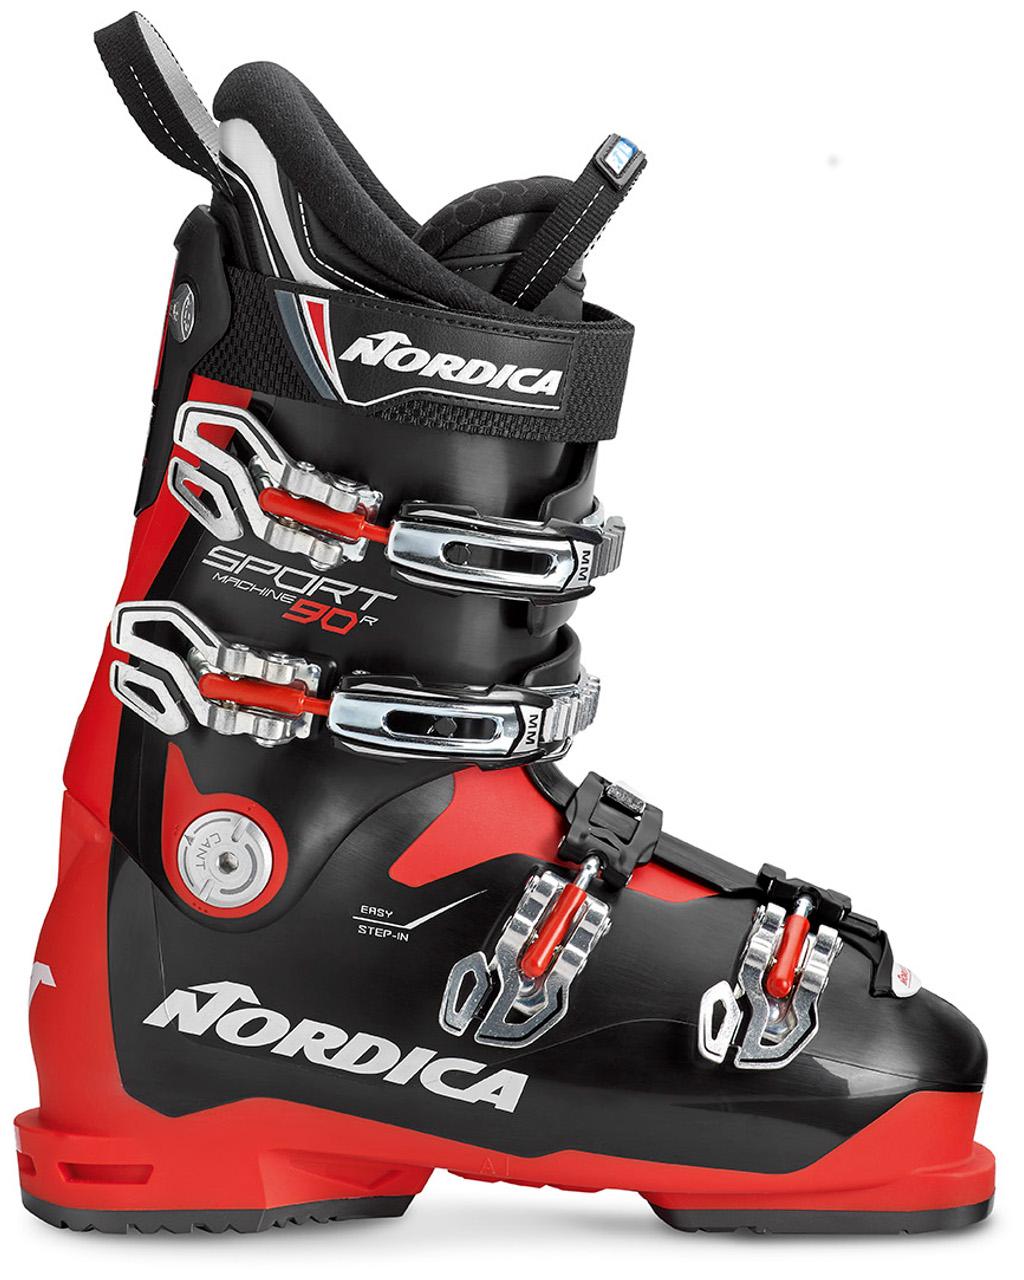 Snowboardboots herr Fre frakt         Stort sortiment         Ridestore.se    Snowboardboots herr   title=         Fre frakt         Stort sortiment          Ridestore.se